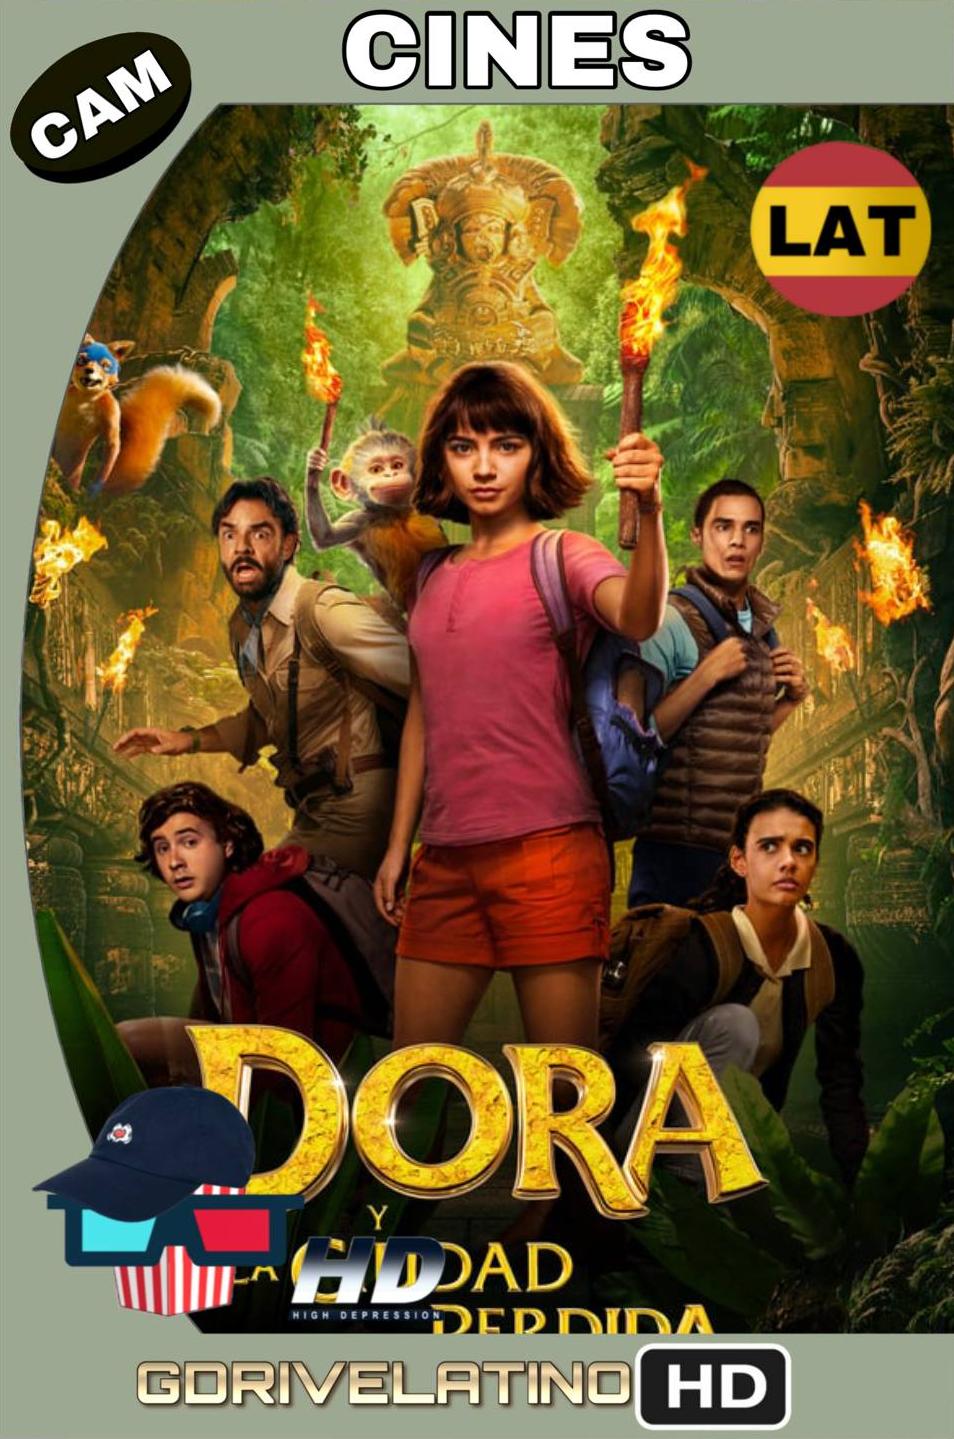 Dora y la Ciudad Perdida (2019) CAM (Latino) MKV